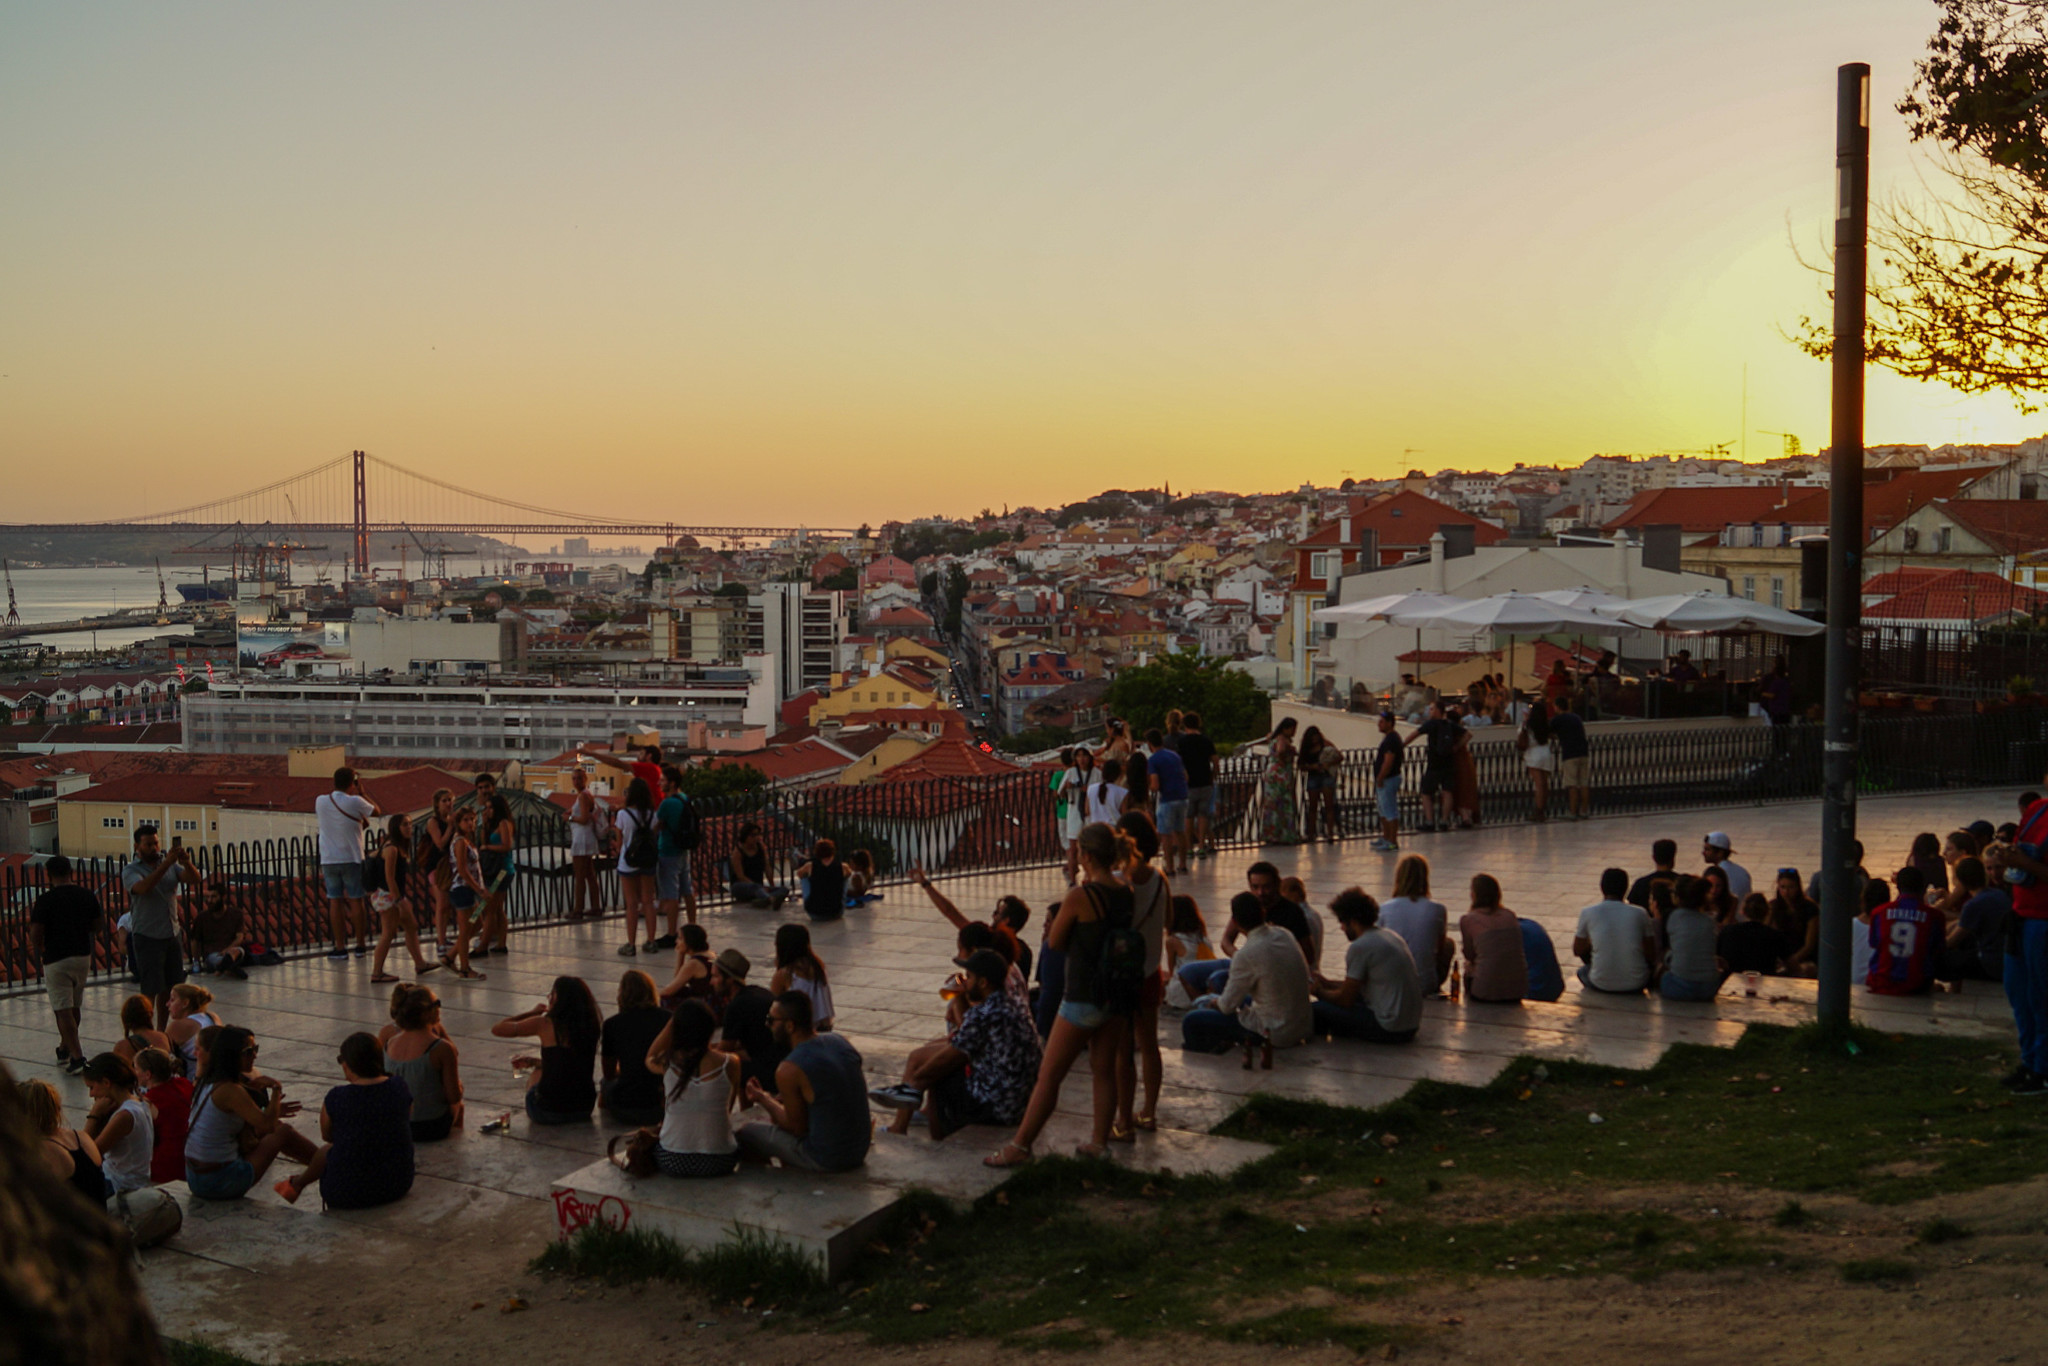 Miradouro de Santa Catarina in Lissabon